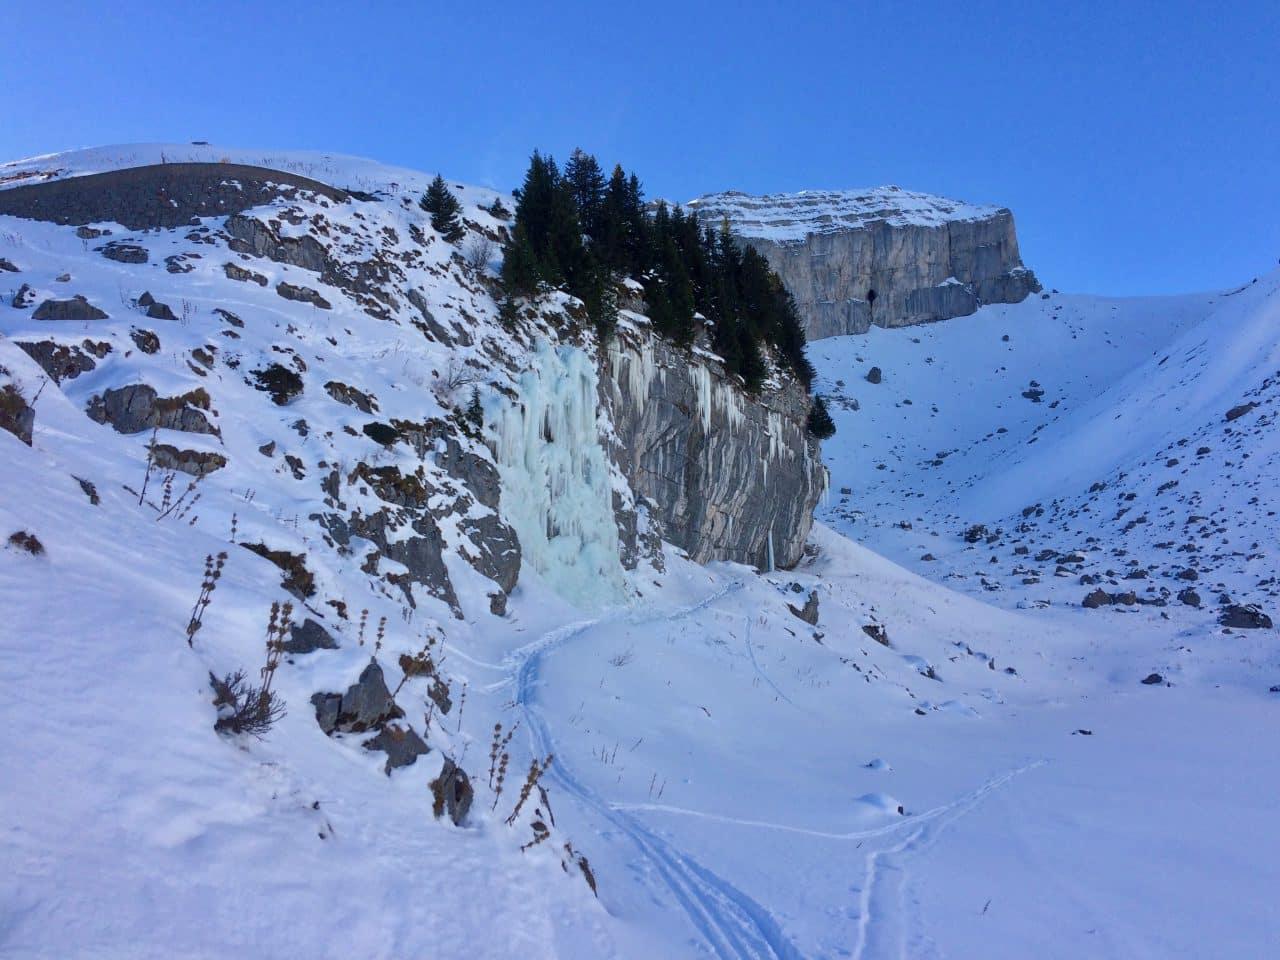 Cascade de glace, Leysin